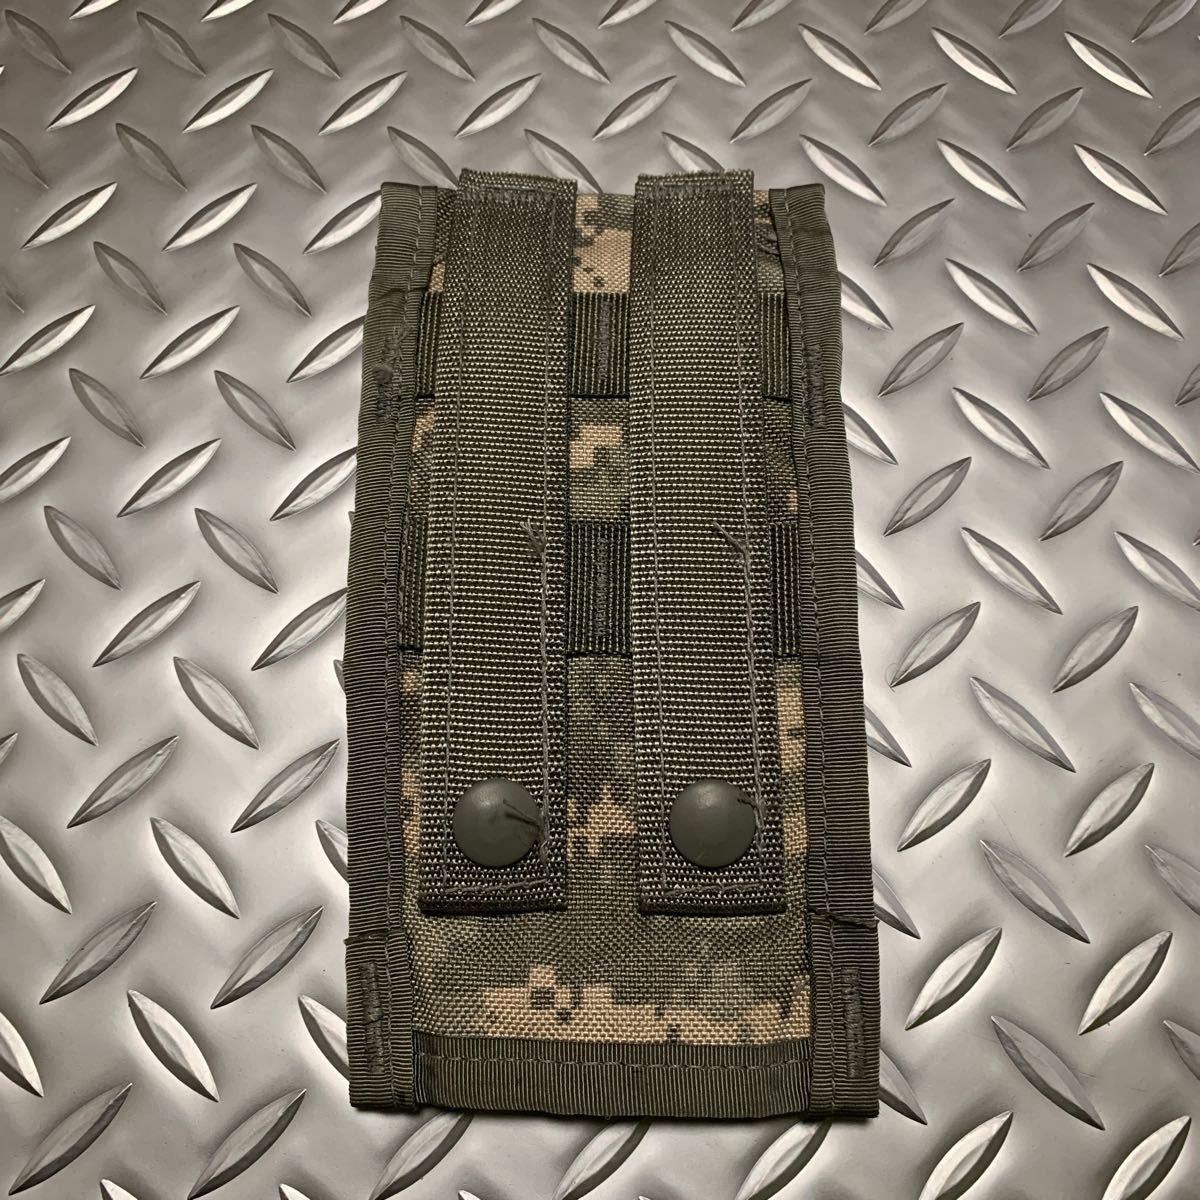 実物 米軍 放出品 ACU Molle ダブルマガジン ポーチM4/M16用 ARMY 陸軍_画像2